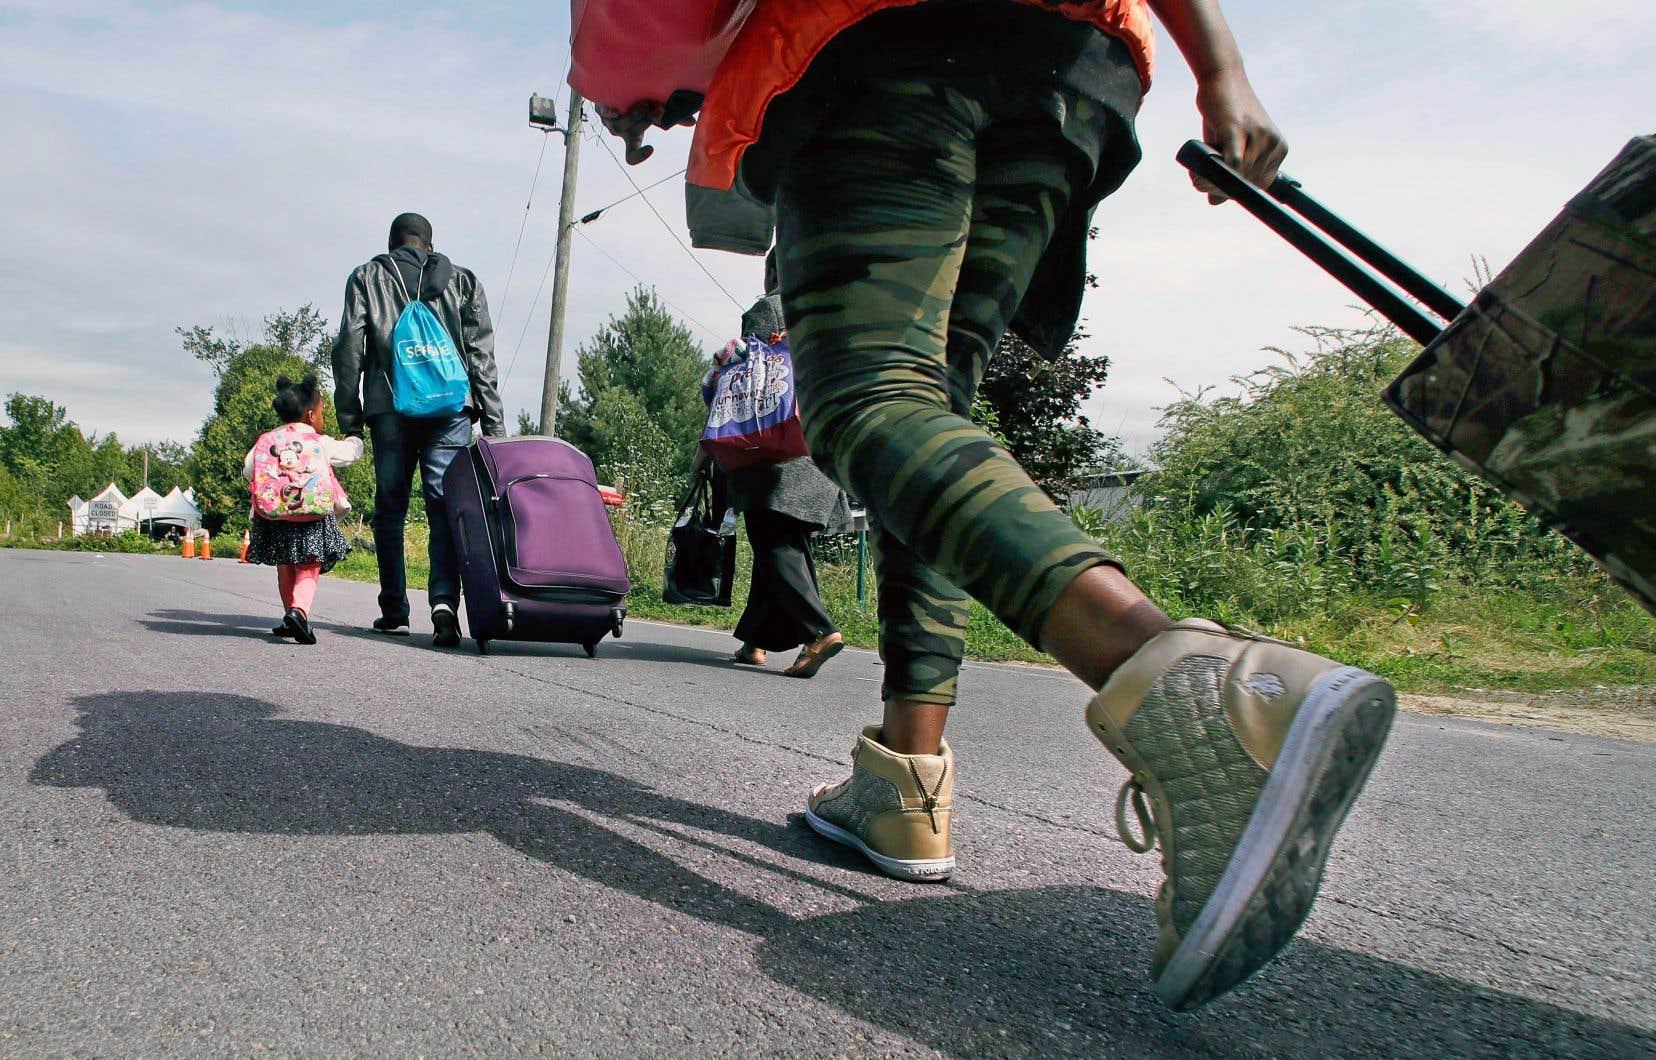 Le ministre Hussen s'est montré particulièrement agacé par l'attitude de l'Ontario quant à la situation des migrants.